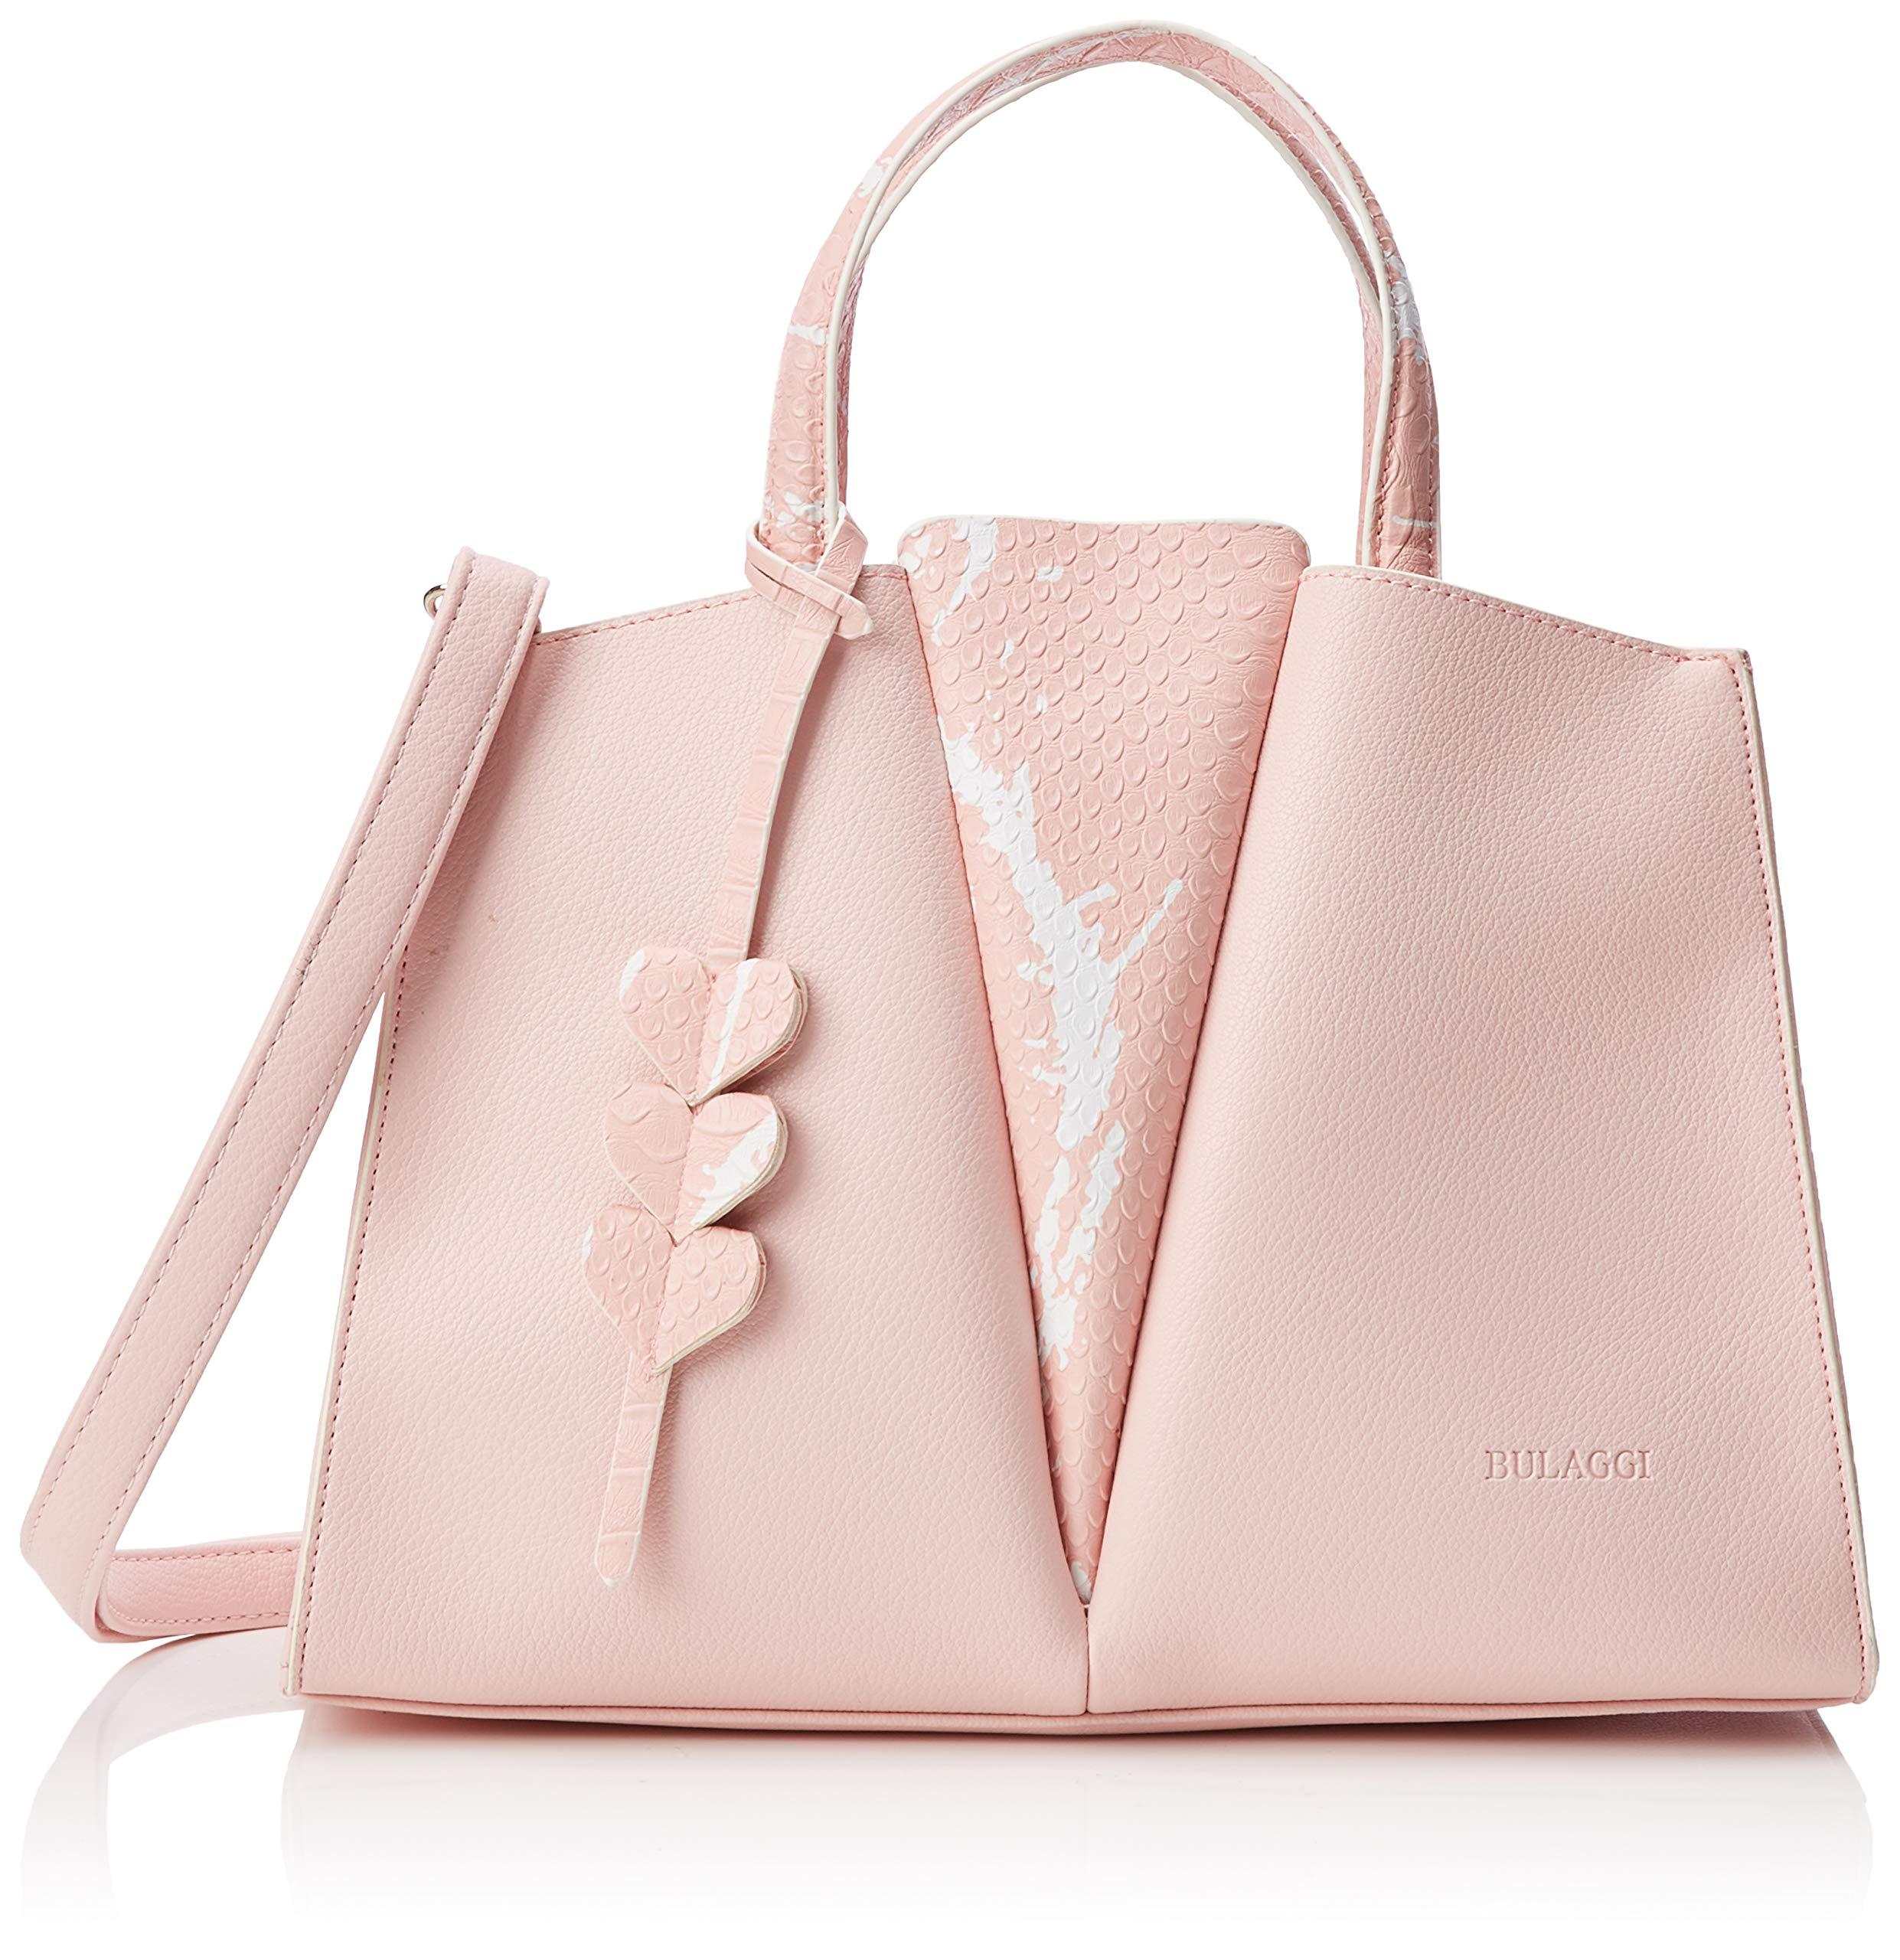 ShopperSacs Caitlyn FemmeRosepastel Cmb T Épaule Portés X Rose11x23x32 H Bulaggi dxsthQCBr